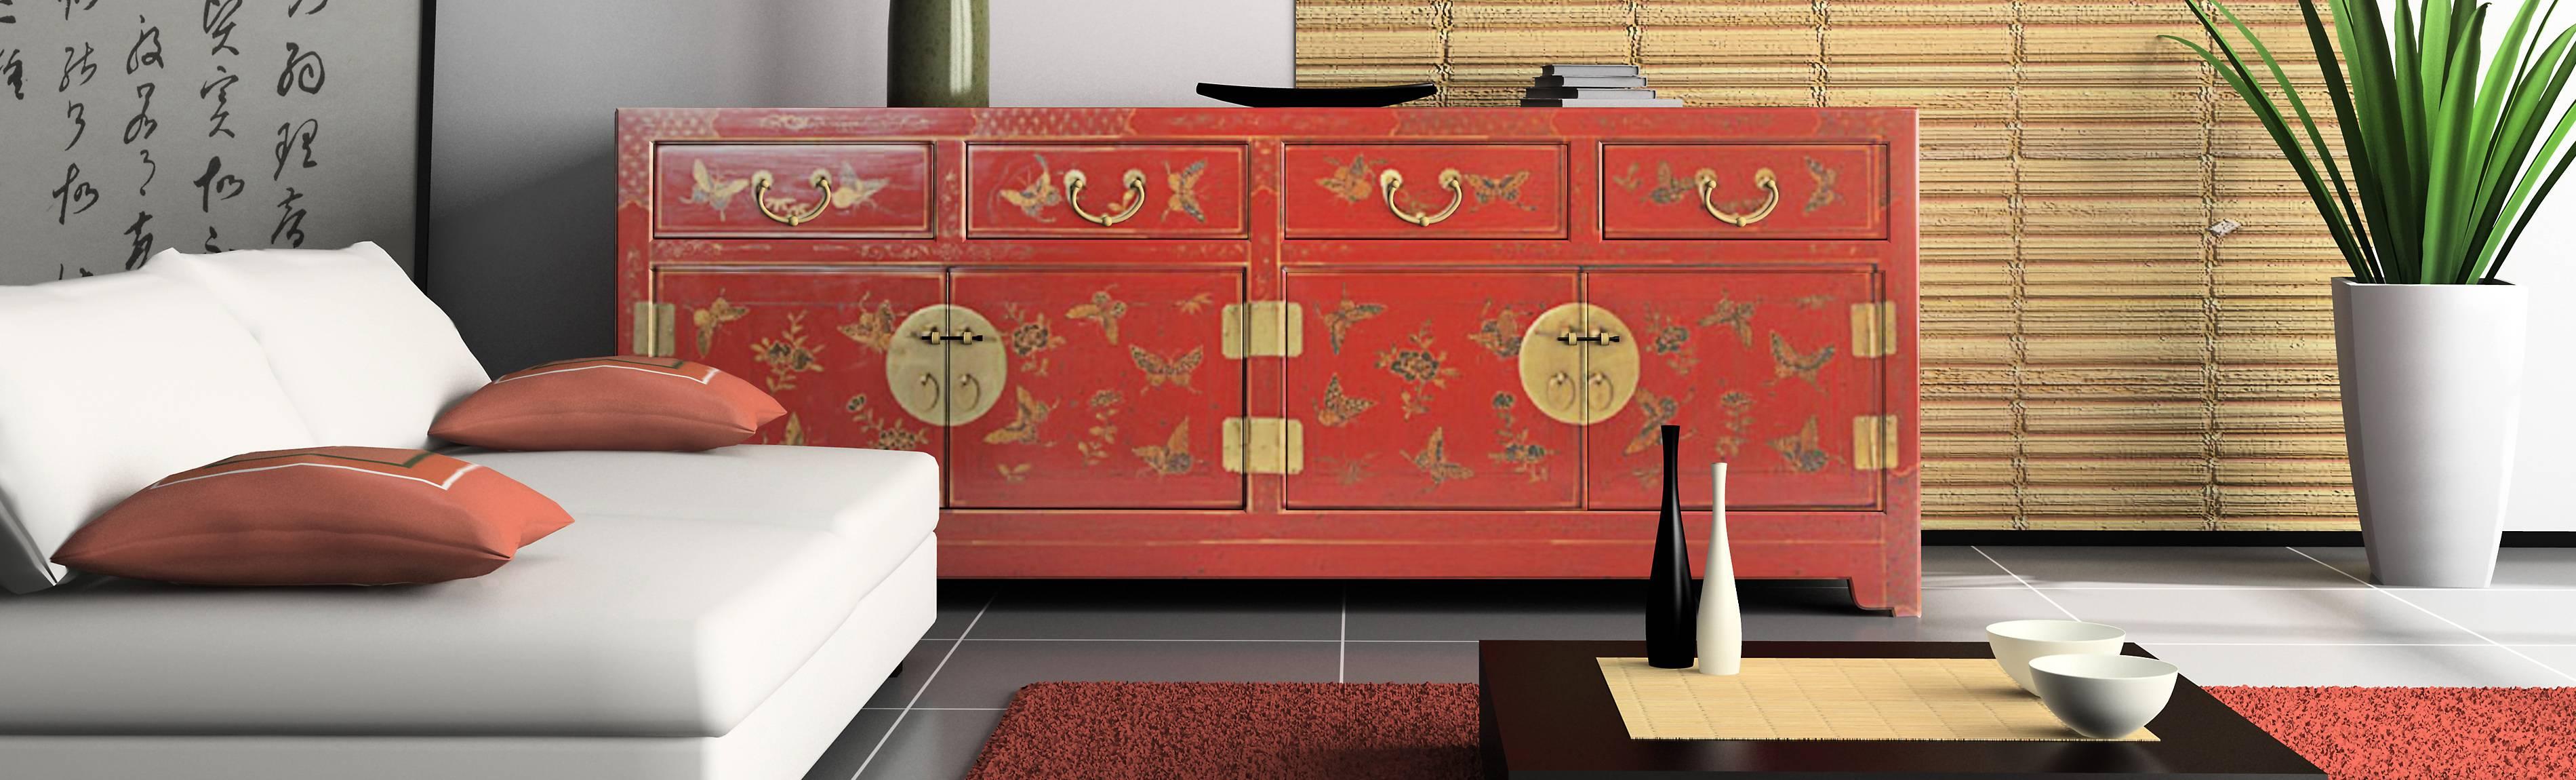 Mobelhaus Fur Chinesische Massivholz Mobel Und Asiatische Wohnstil